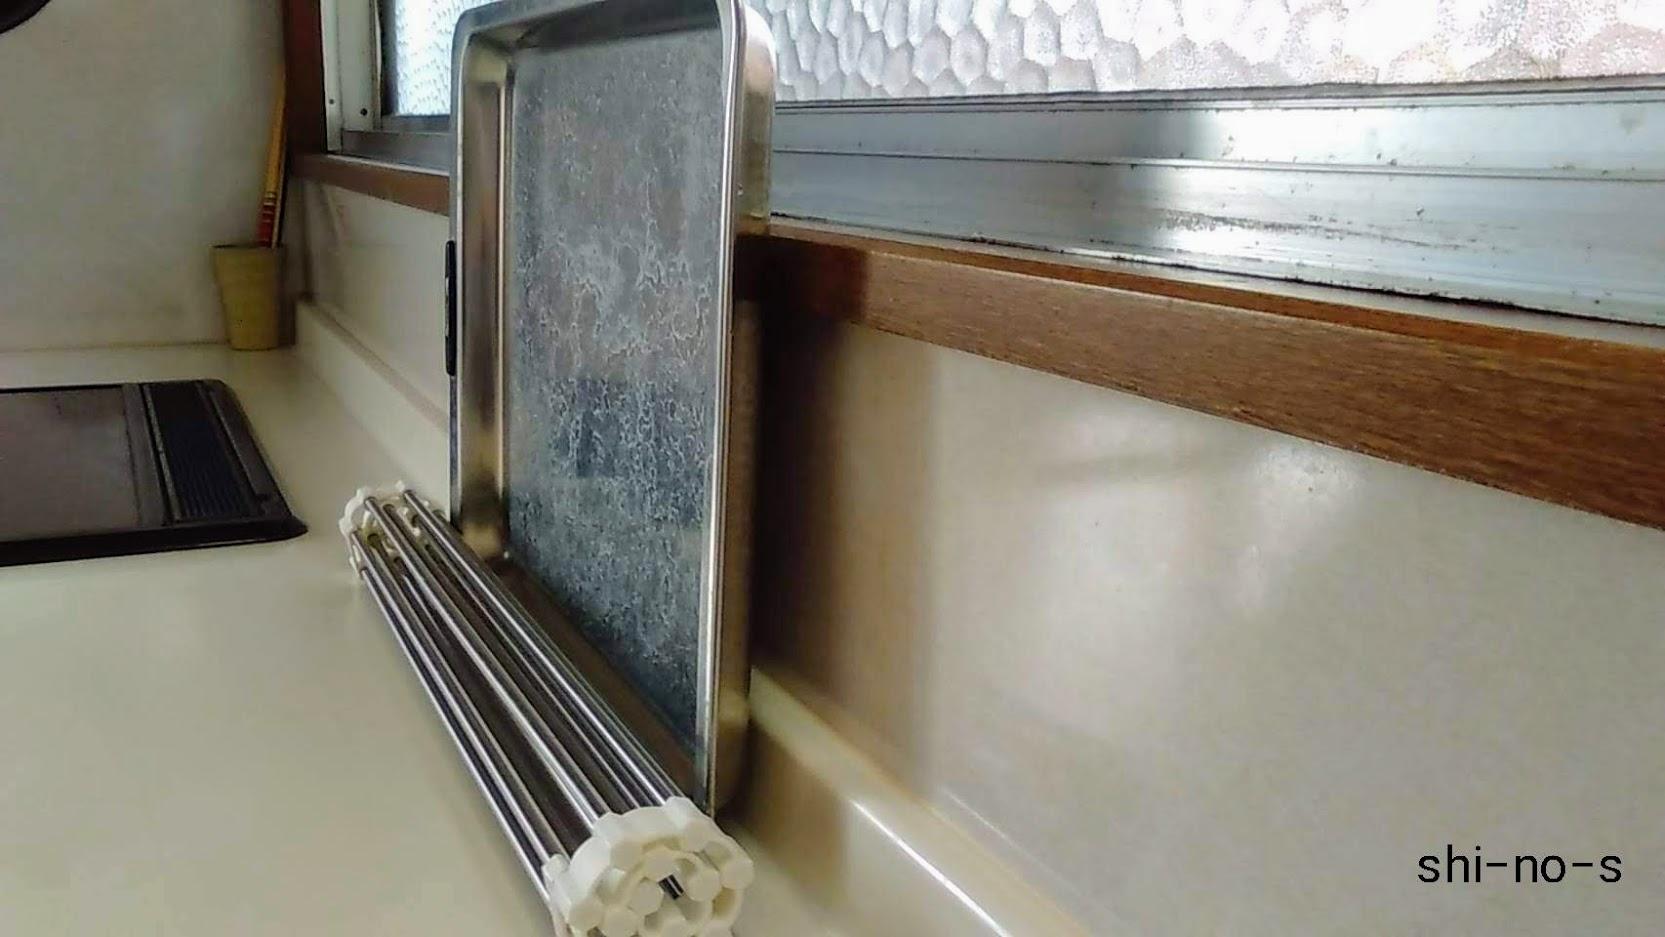 キッチン天板に丸められた水切りと、バッドが立て掛けてある